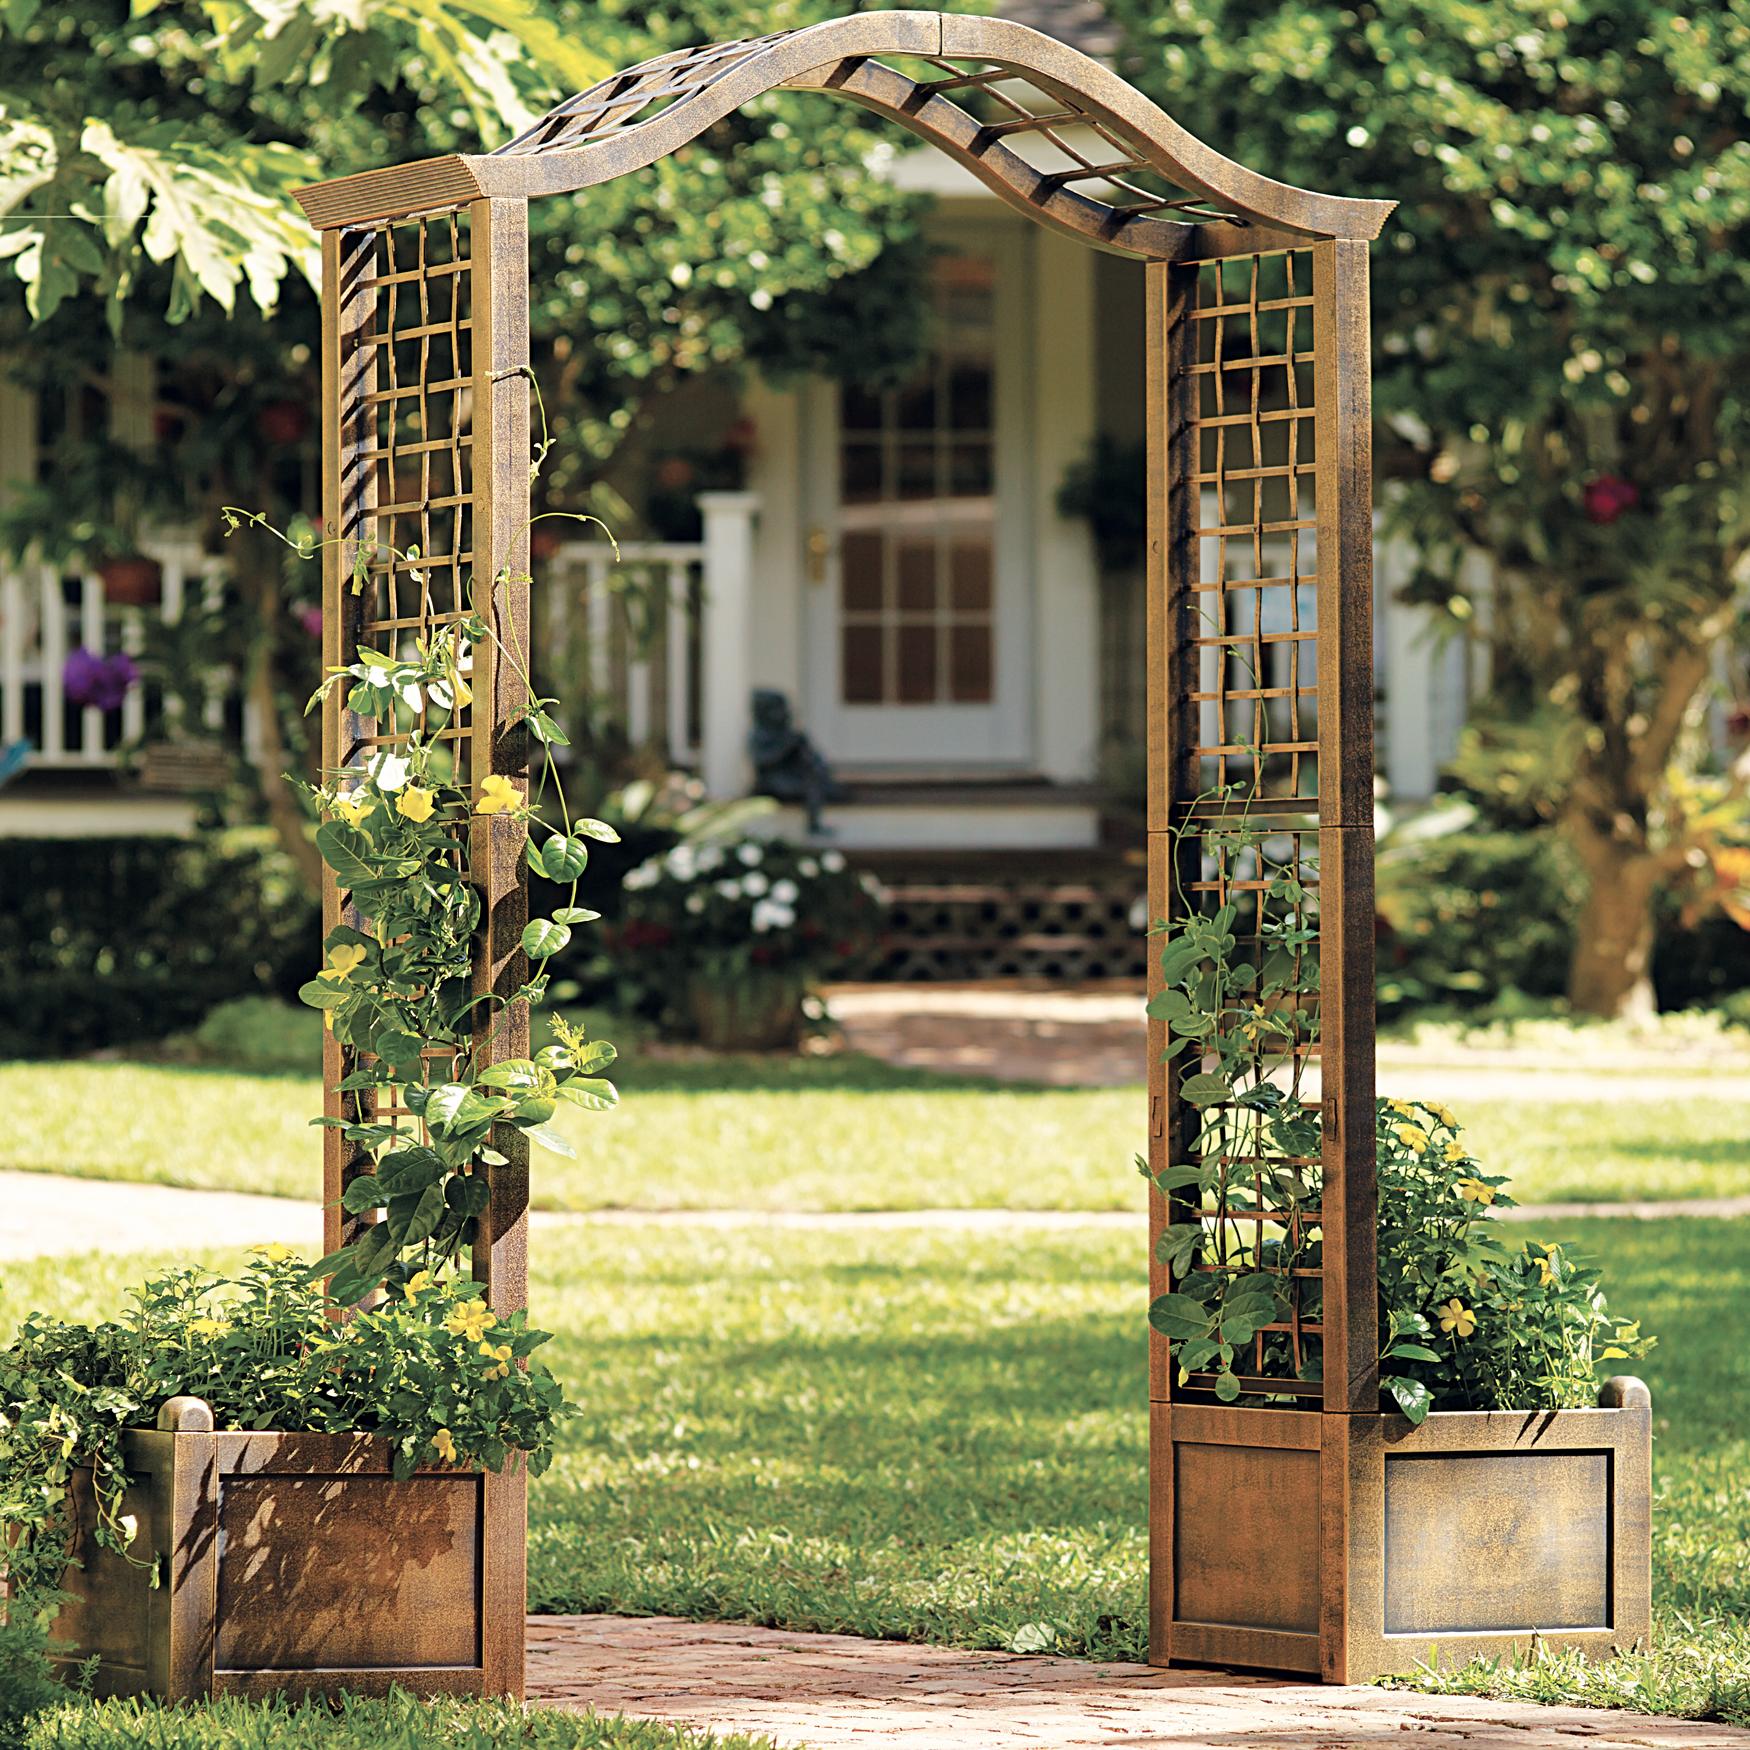 Resin Garden Arch Trellis Outdoor Decor Brylane Home